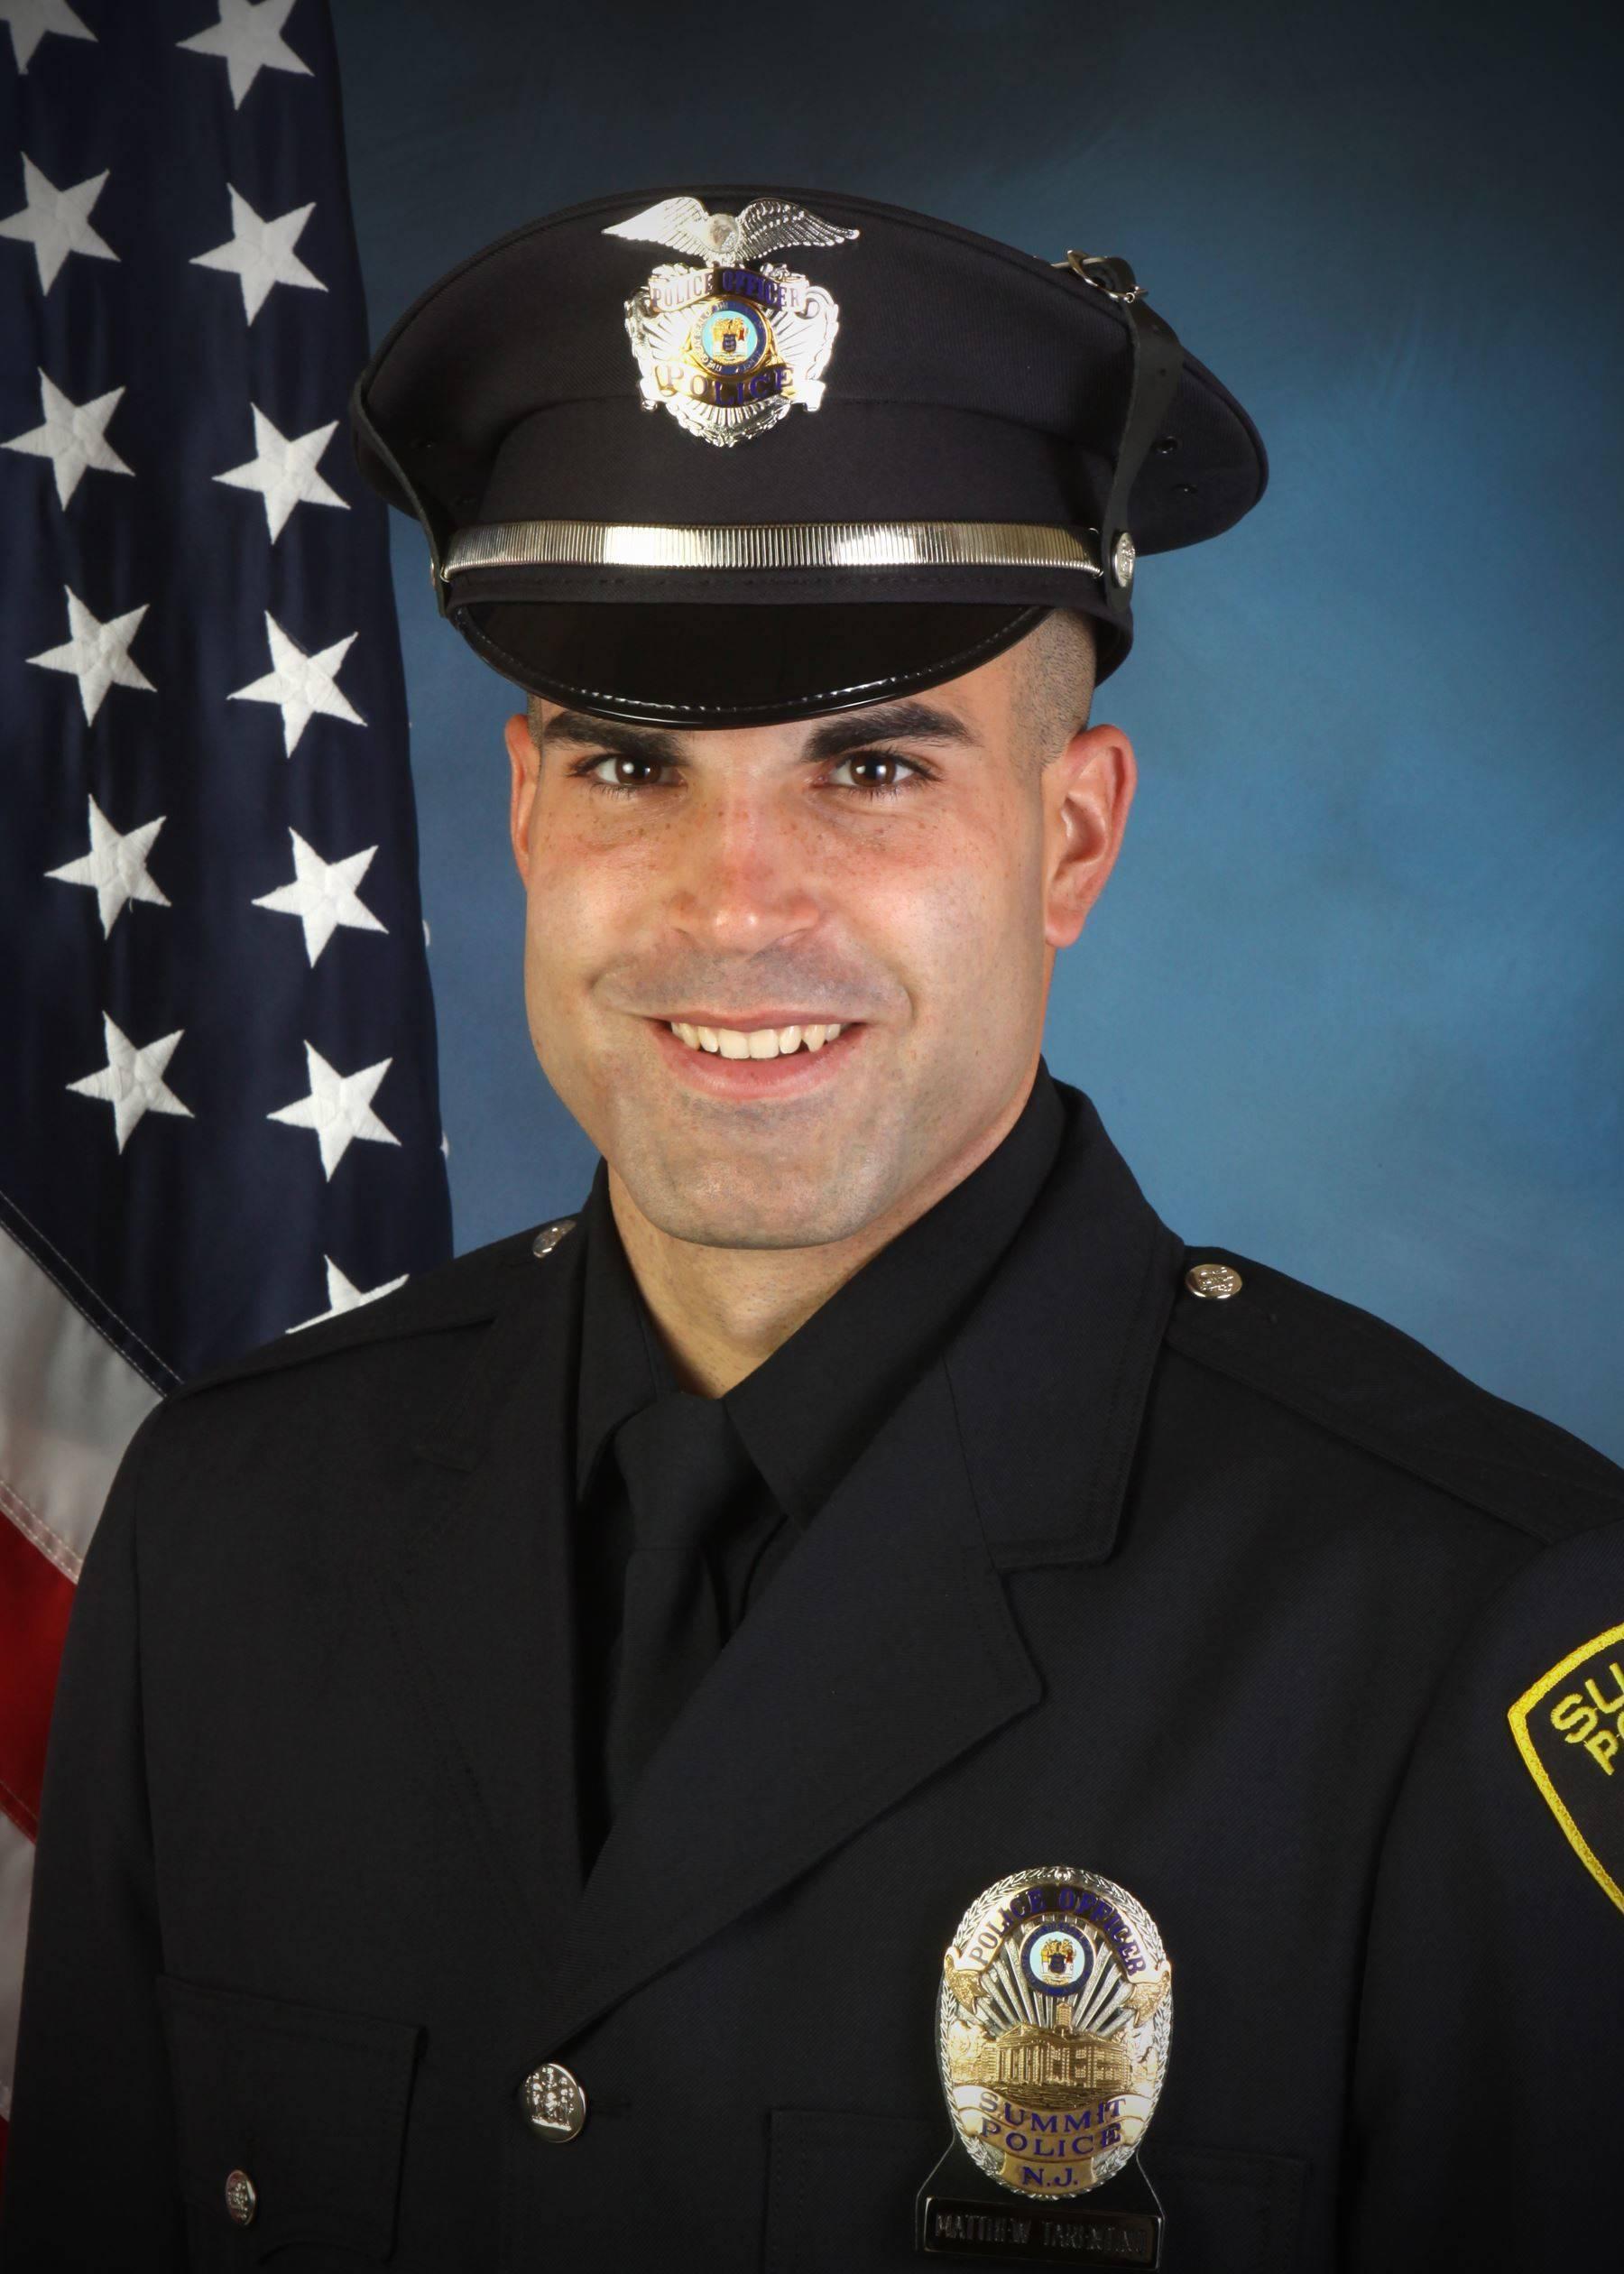 4cb0f7613fc2f9c33090_76fe96ca6285833c9079_7c9922489cc9c9366c8e_46_Police_Officer_Matthew_Tarentino.JPG